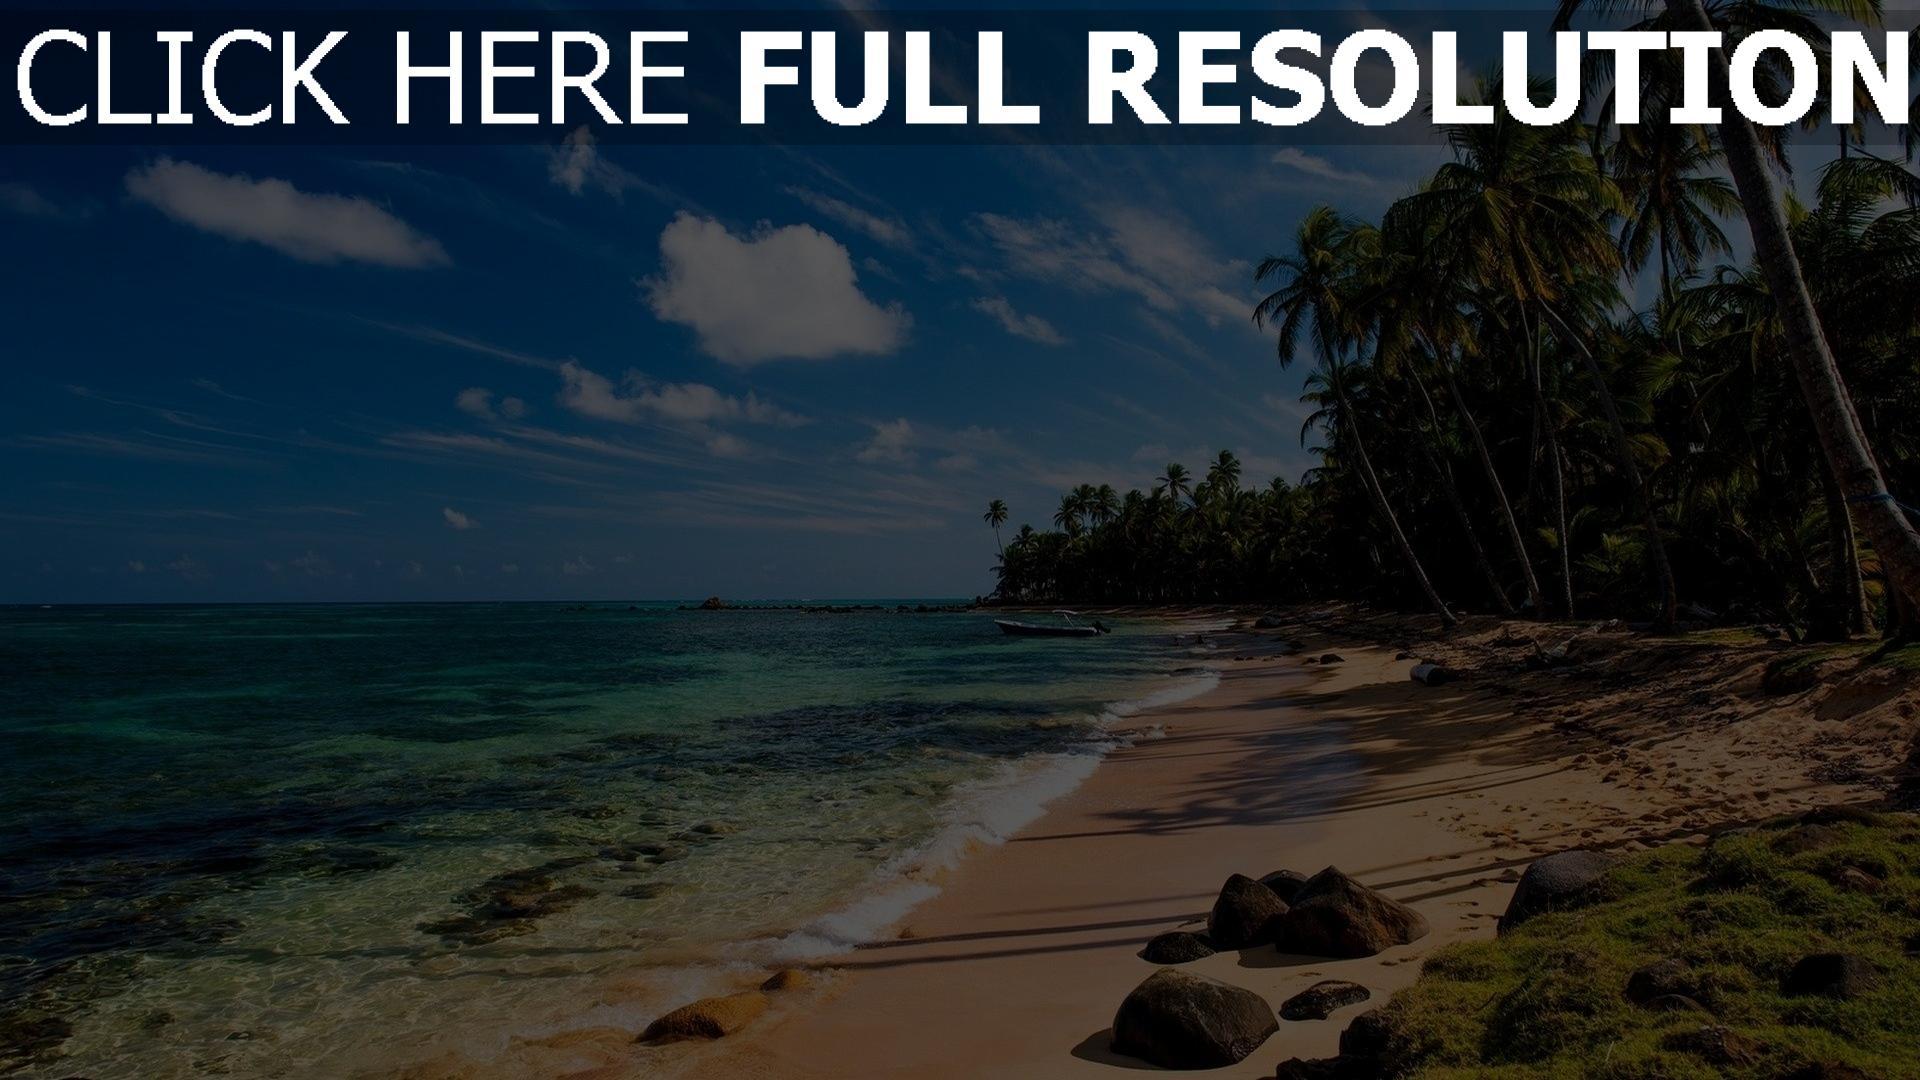 hd hintergrundbilder strand tropisch palmen meer wasser himmelblaue 1920x1080